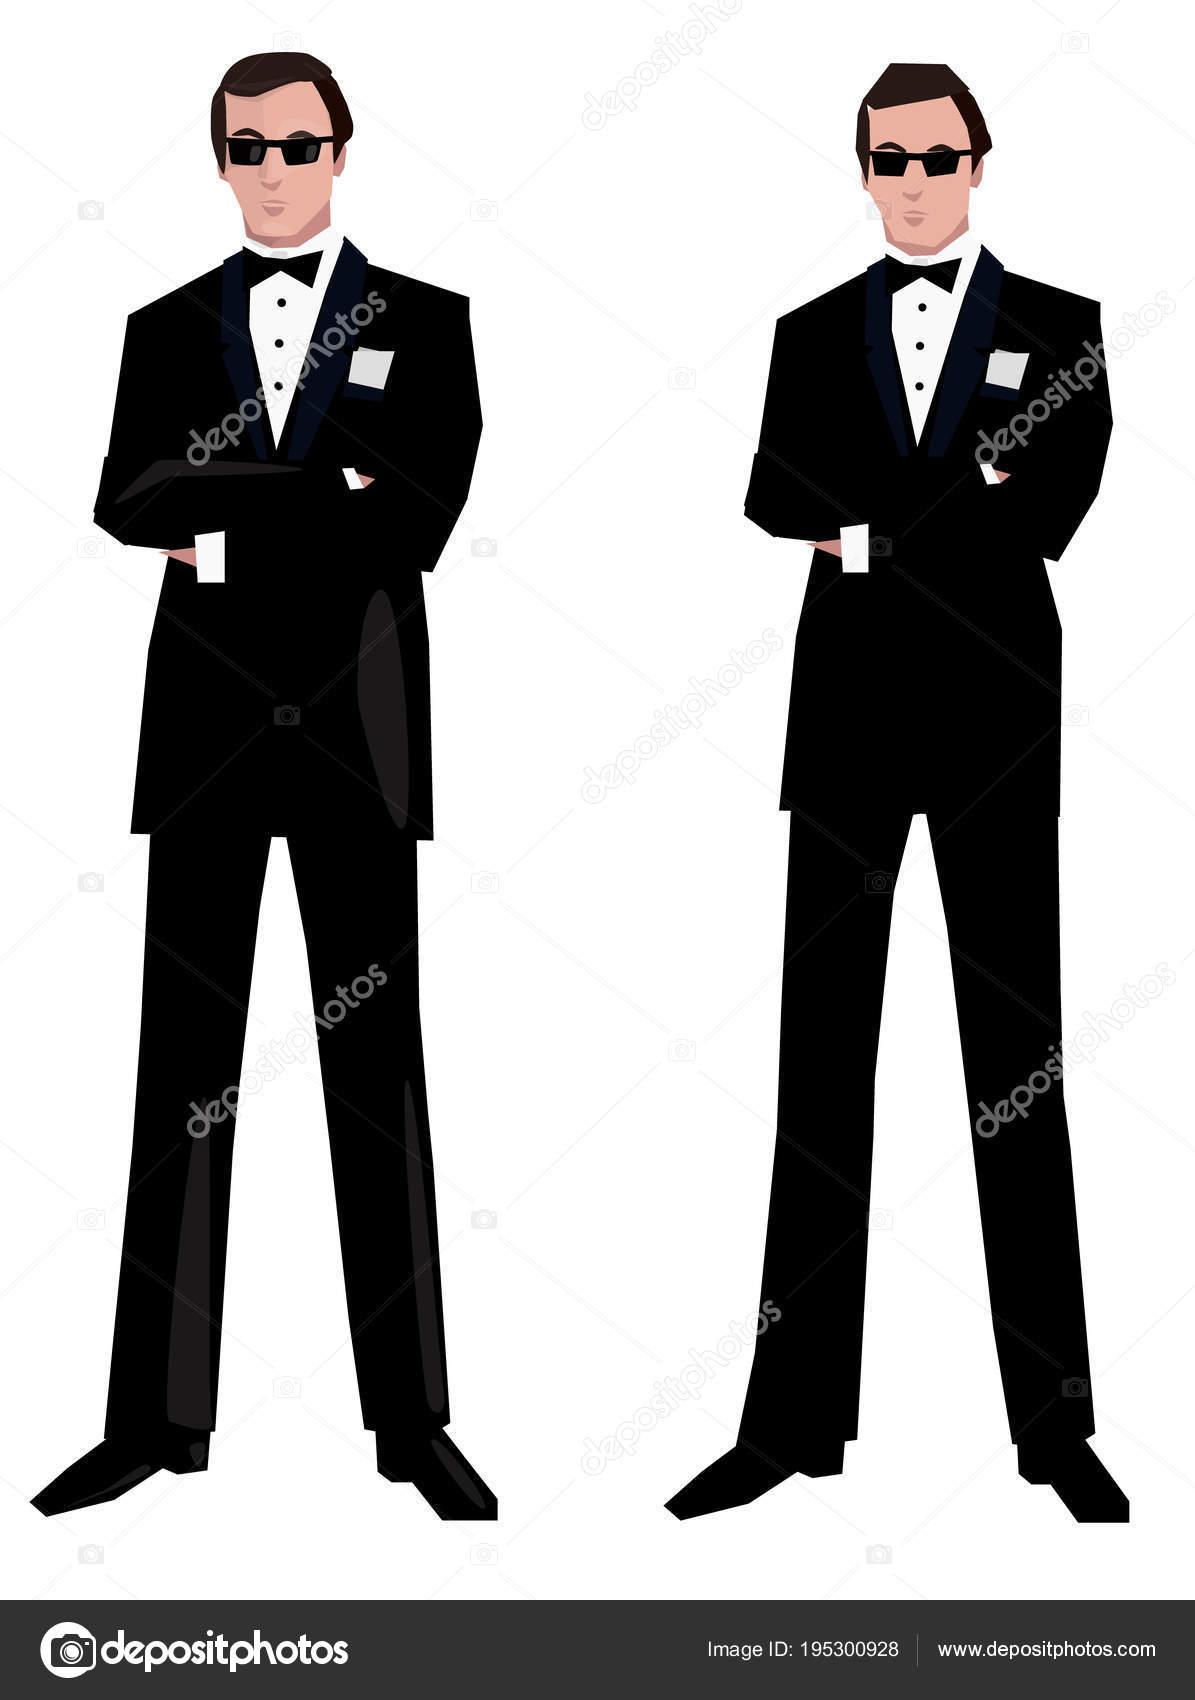 Images James Bond Actors James Bond Character